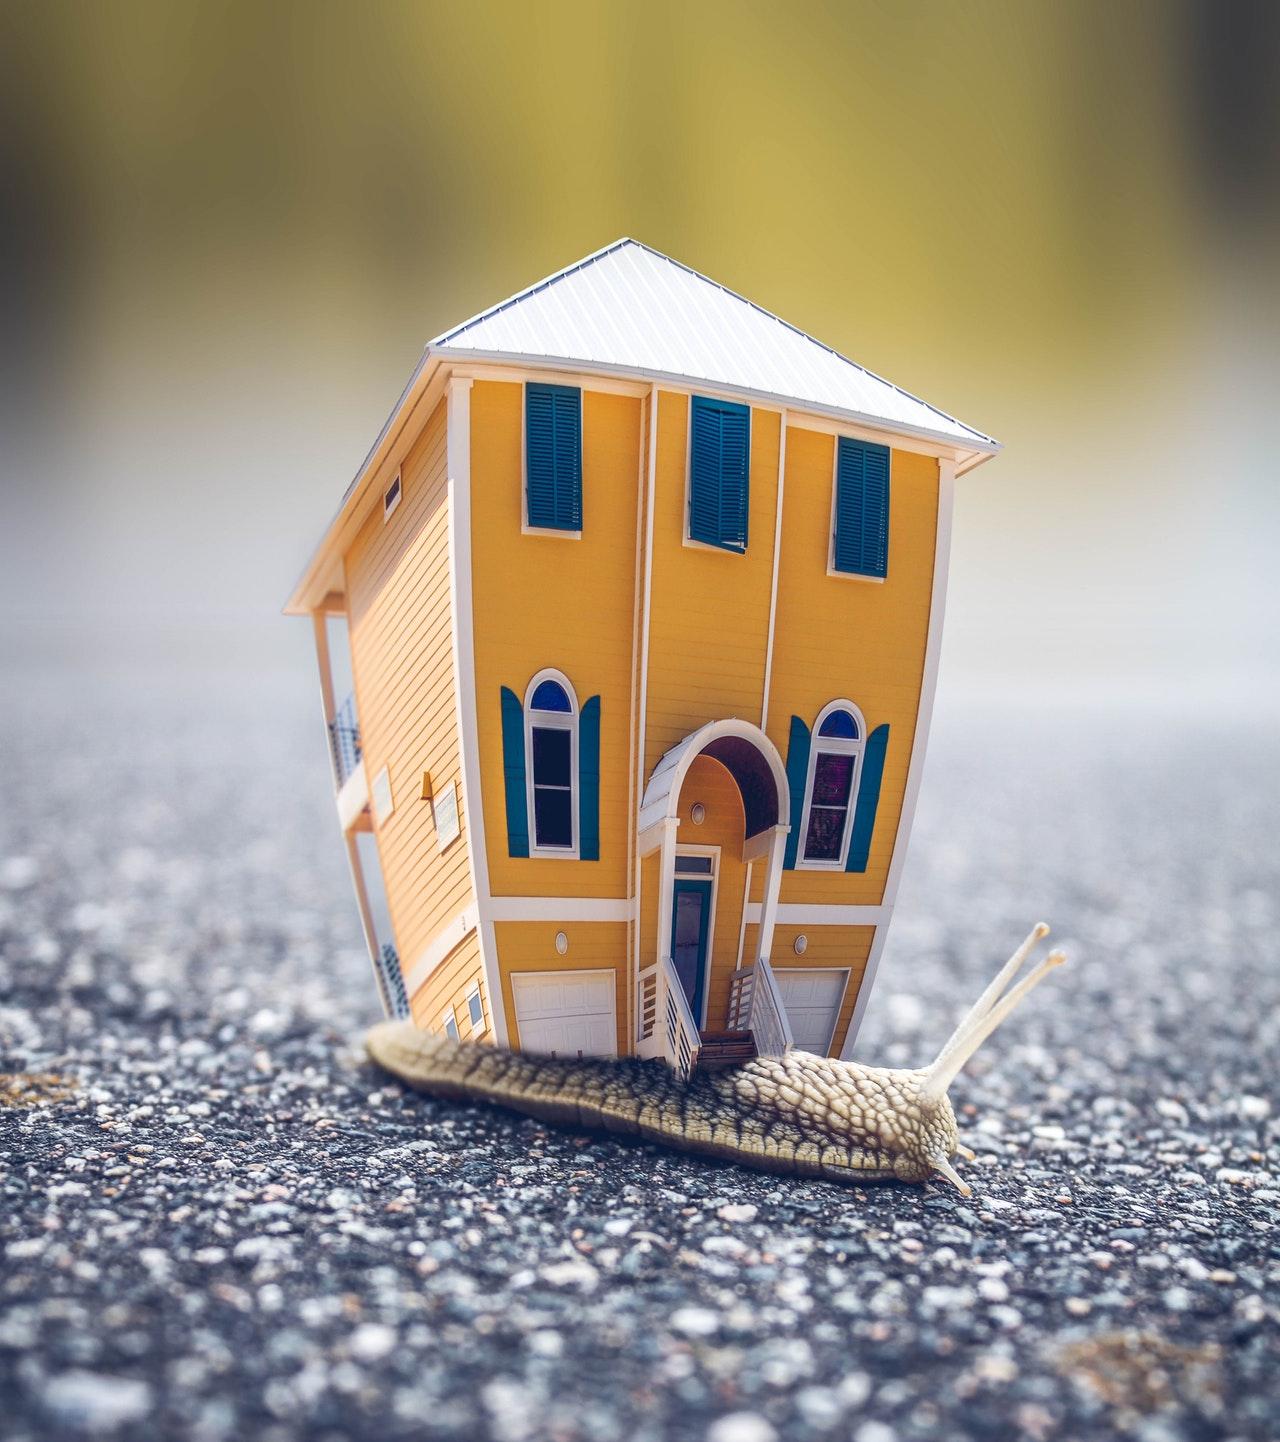 Du skaber selv dit hjem – sådan gør du